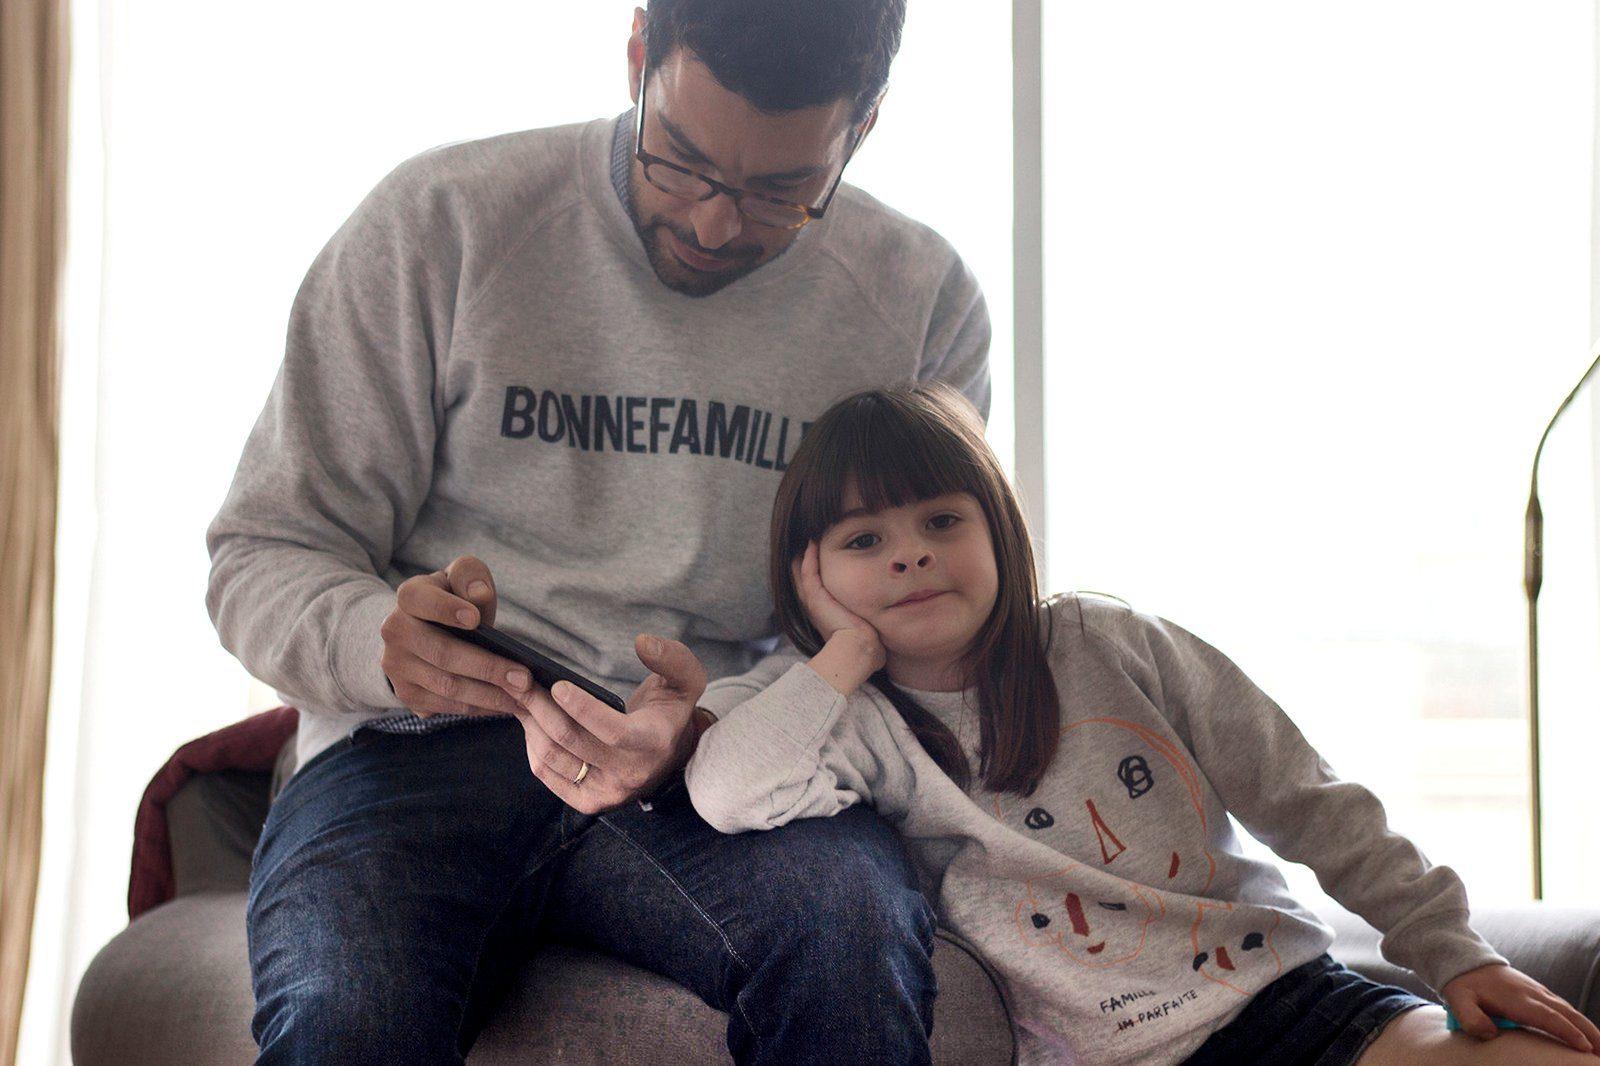 Bonnefamilles - sweat adulte enfant gris chiné coton biologique GOTS - modèles logo marque et têtes famille imparfaite - 18